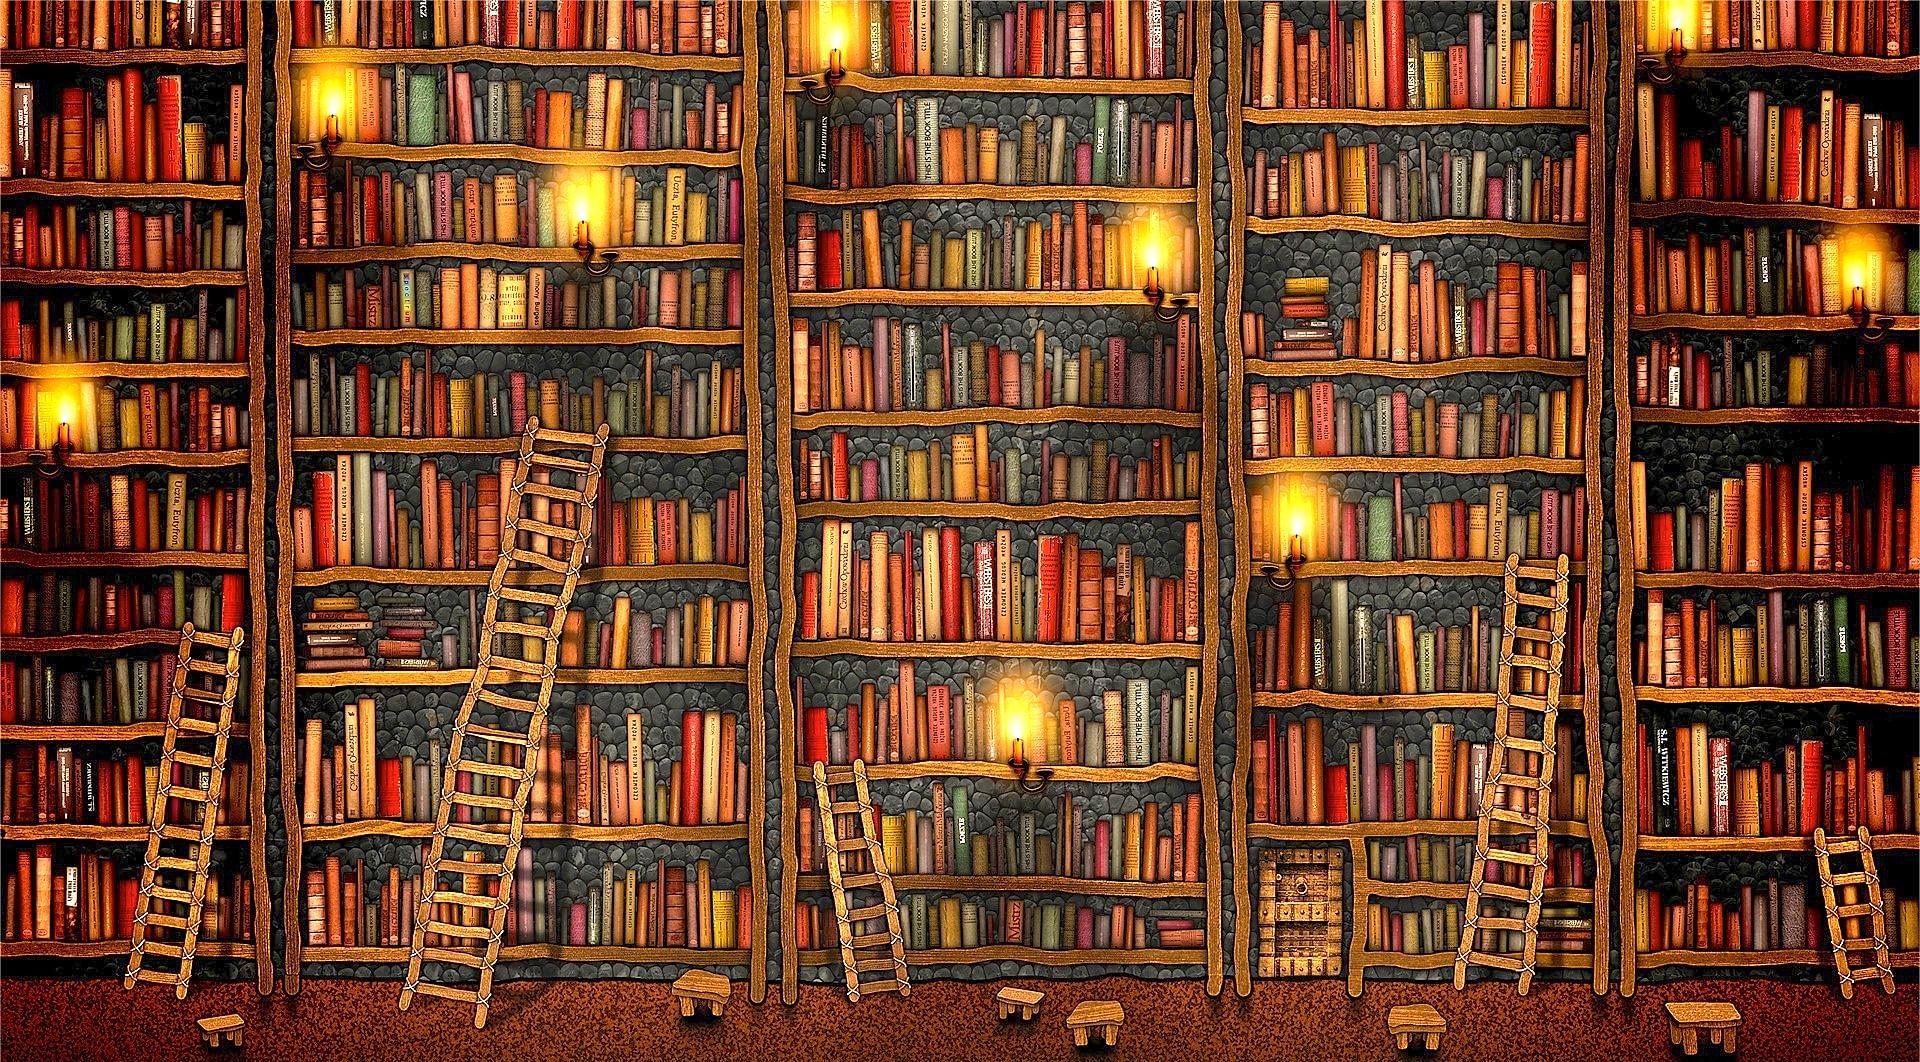 домашняя библиотека  № 1744100 бесплатно